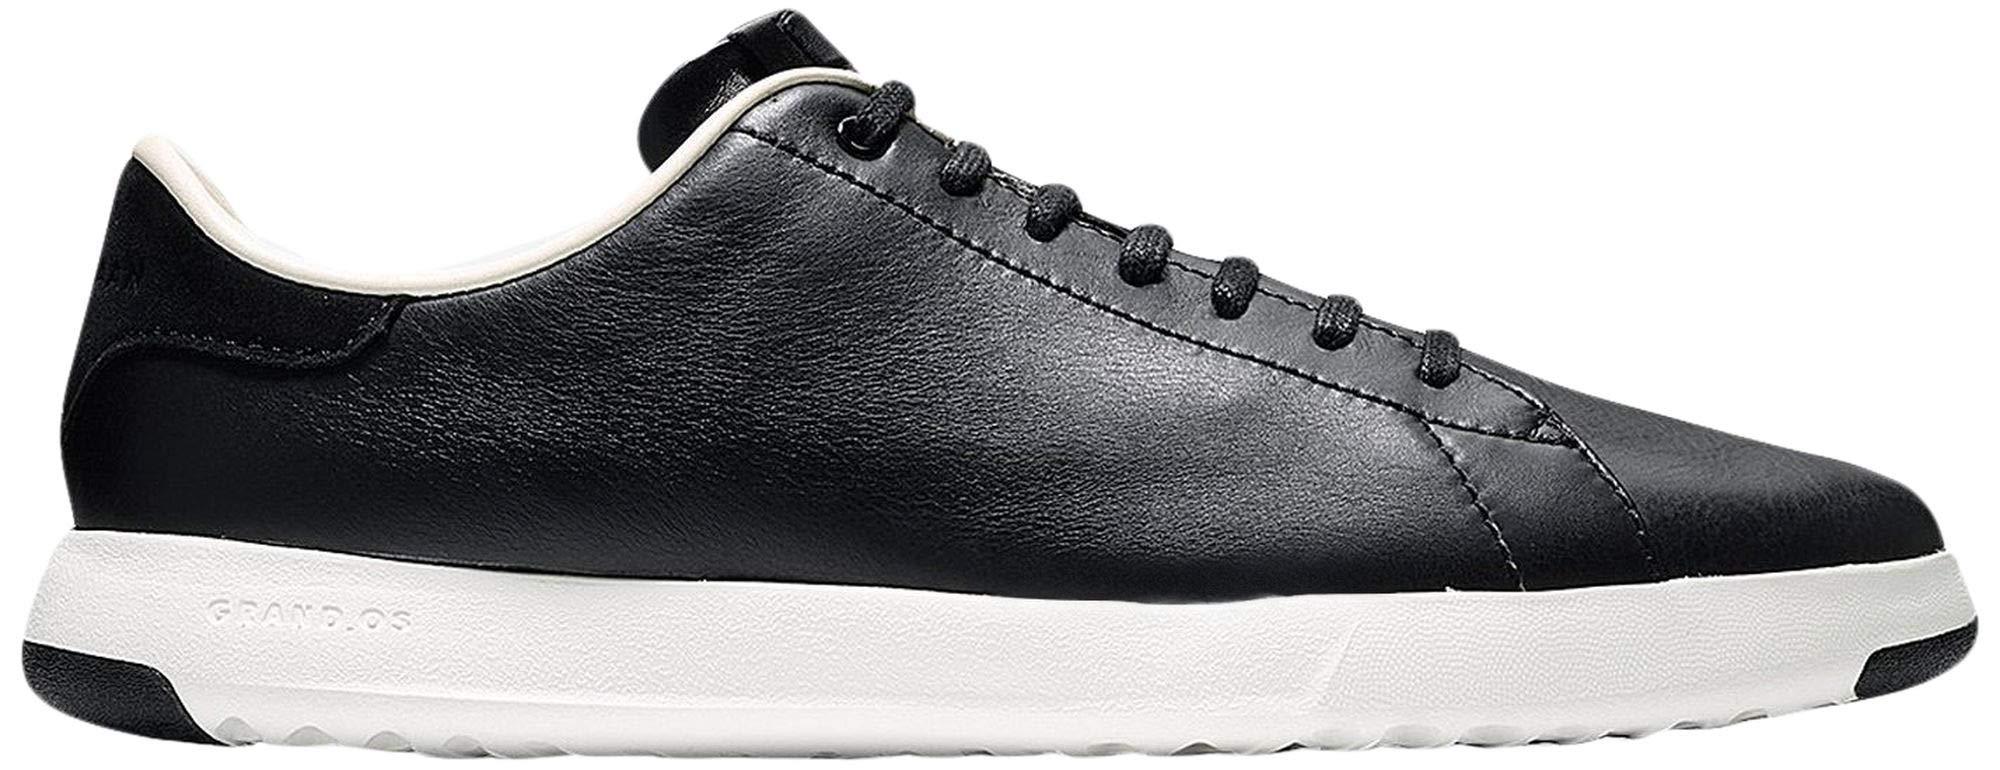 Cole Haan Mens Grandpro Tennis Sneaker 7 Black